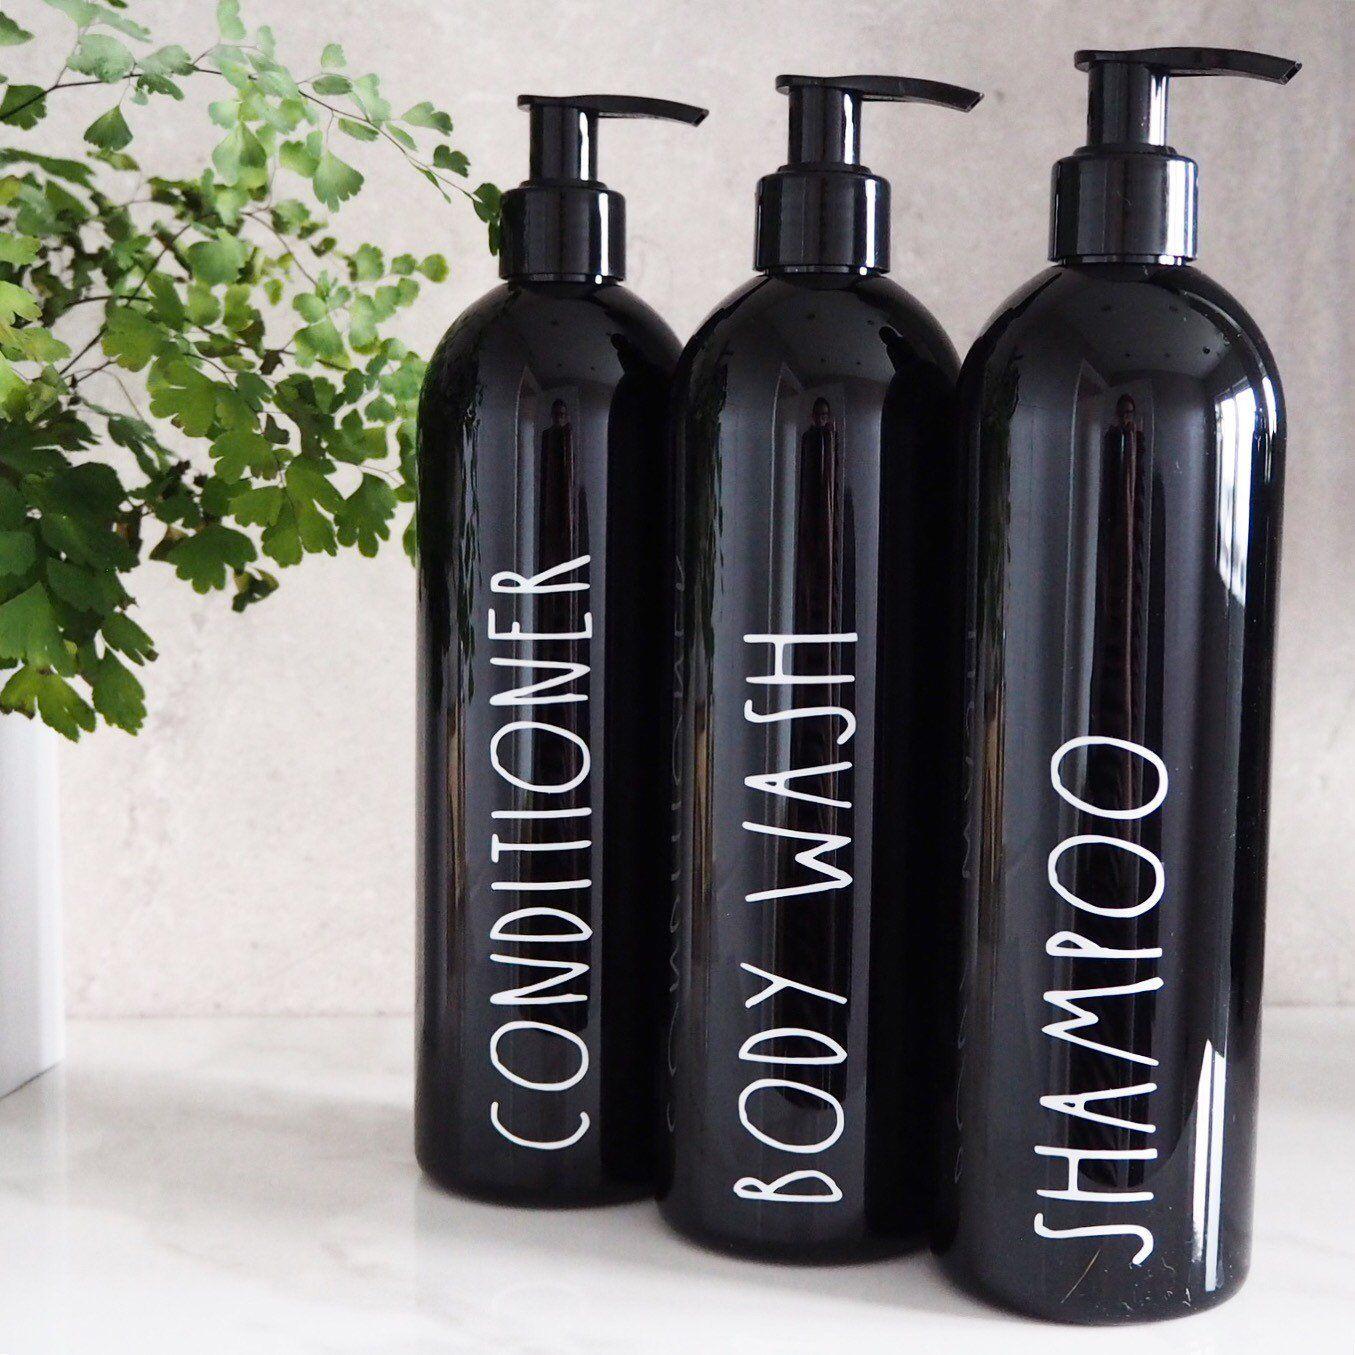 Black Reusable Bathroom Toiletries Bottles In Skinny Font Etsy Bathroom Soap Dispenser Refillable Bottles Black Bathroom Accessories